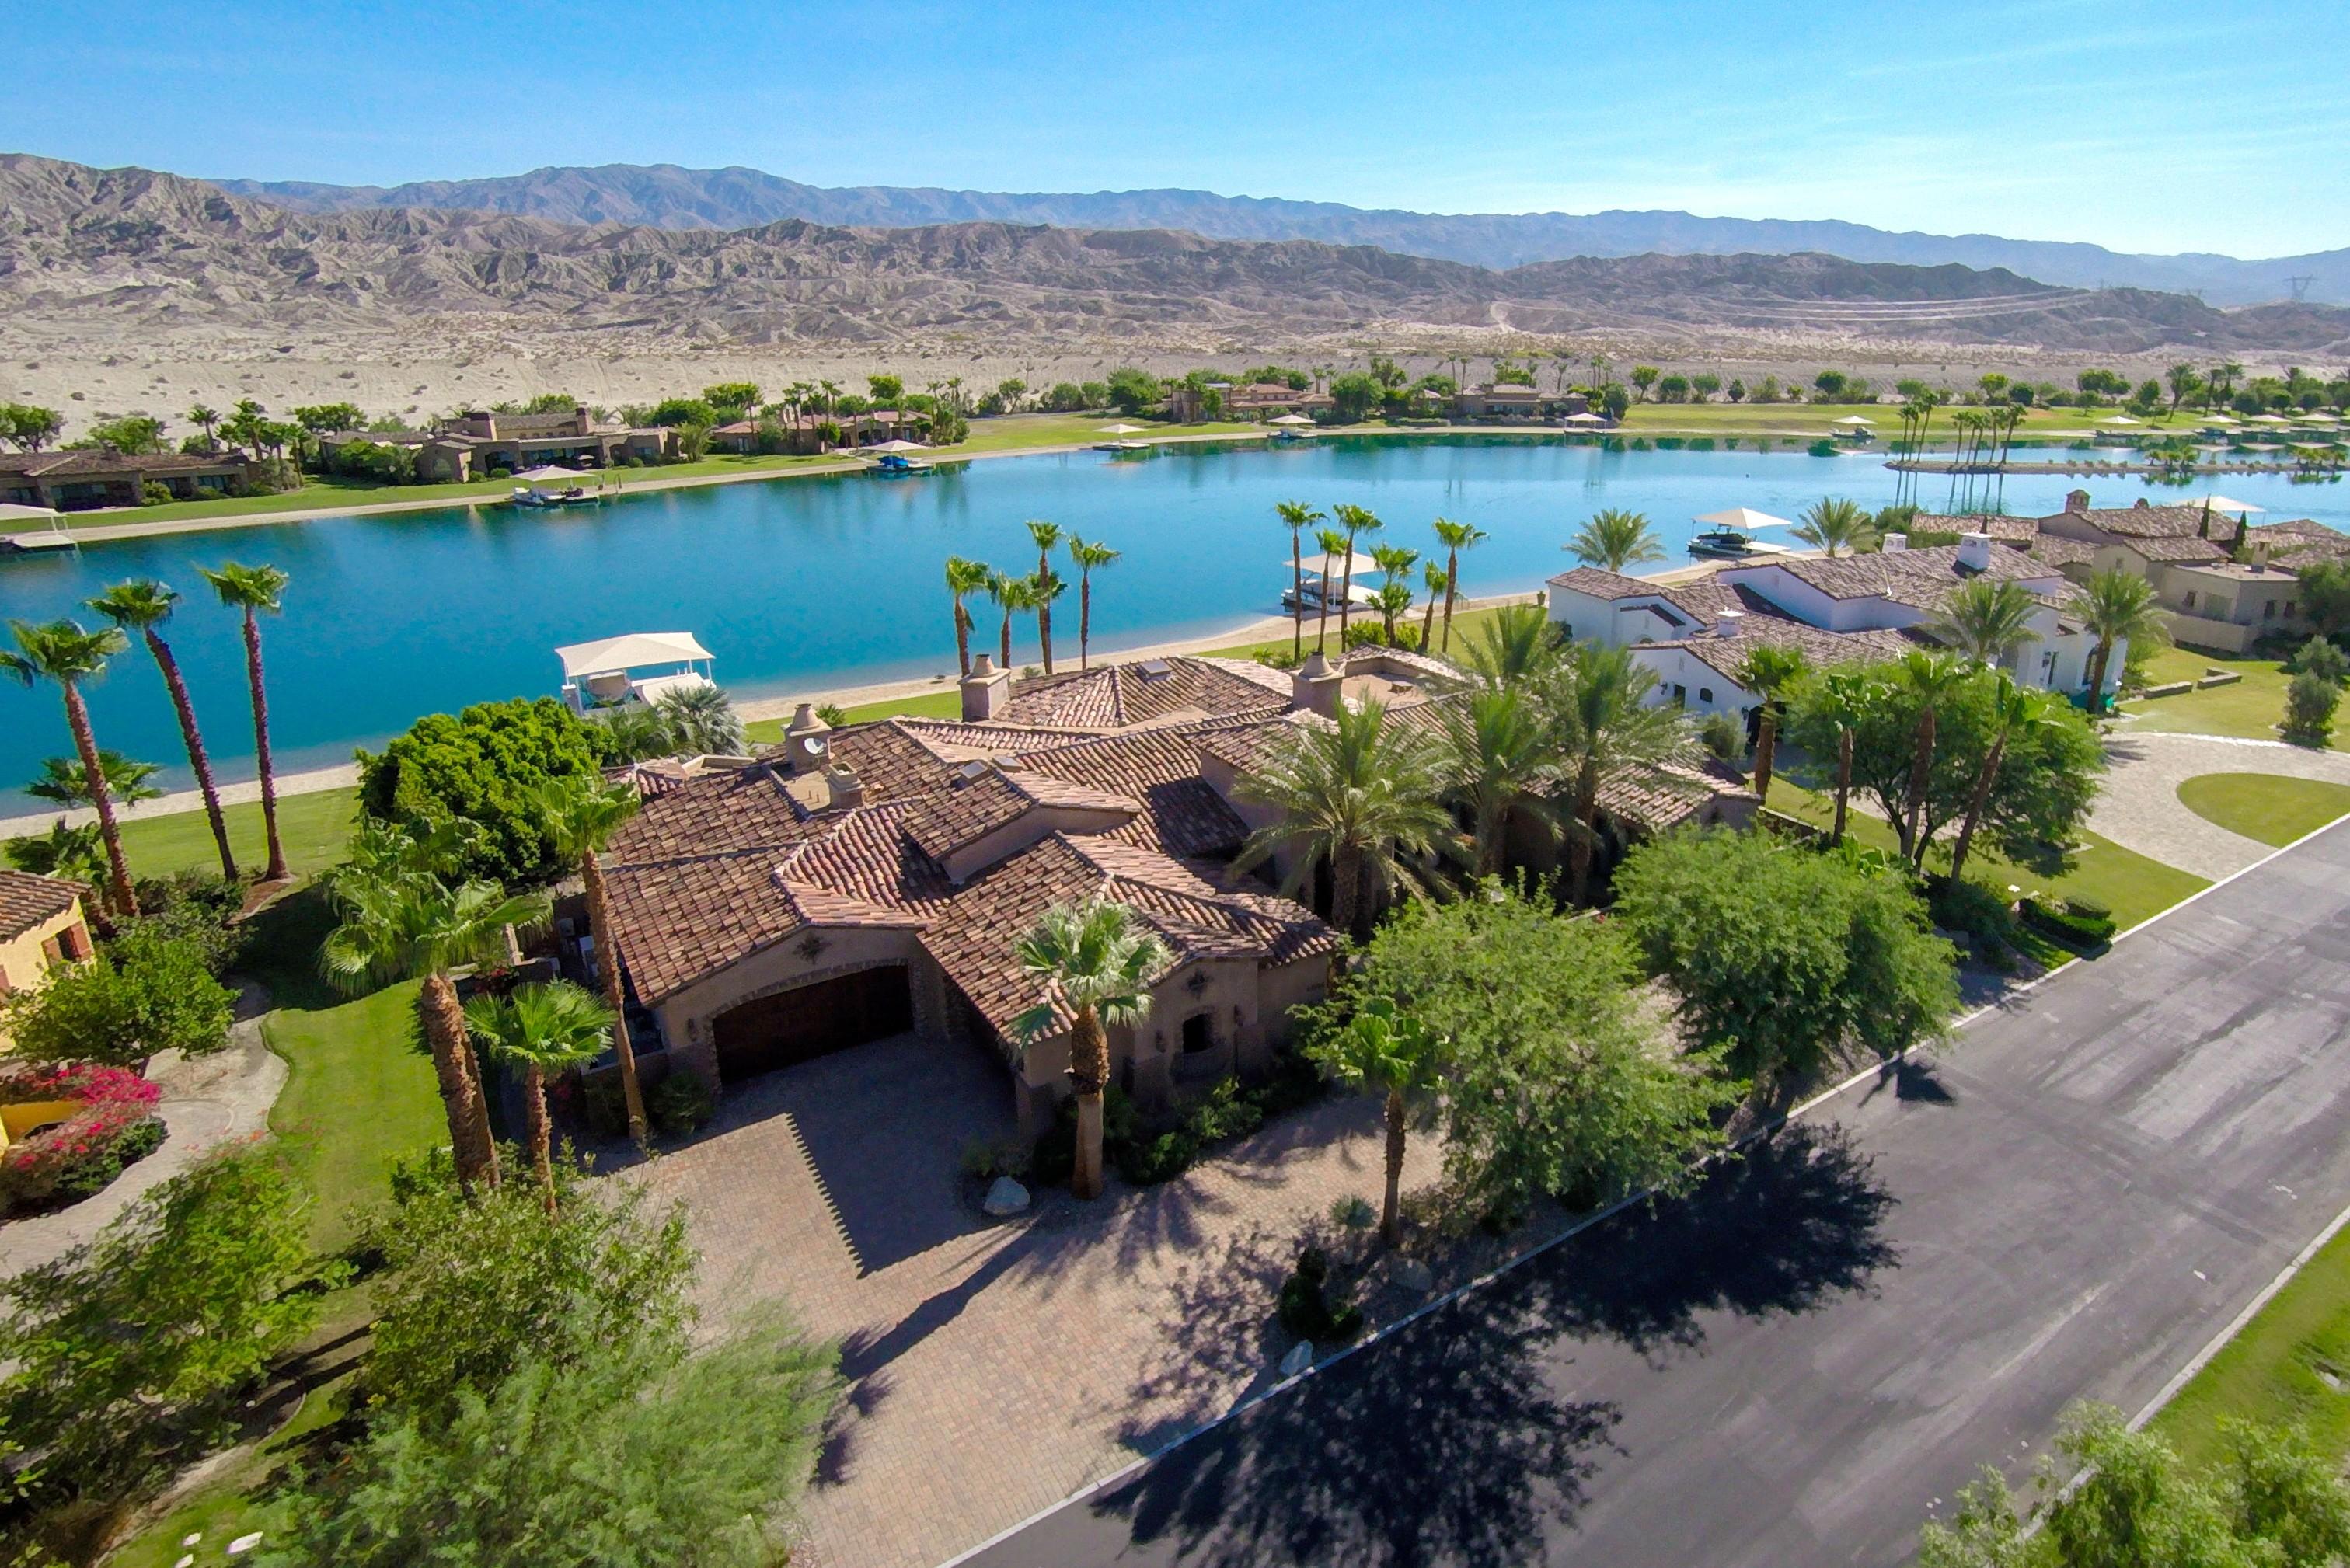 Частный односемейный дом для того Продажа на 83054 South Bay Drive Indio, Калифорния 92203 Соединенные Штаты